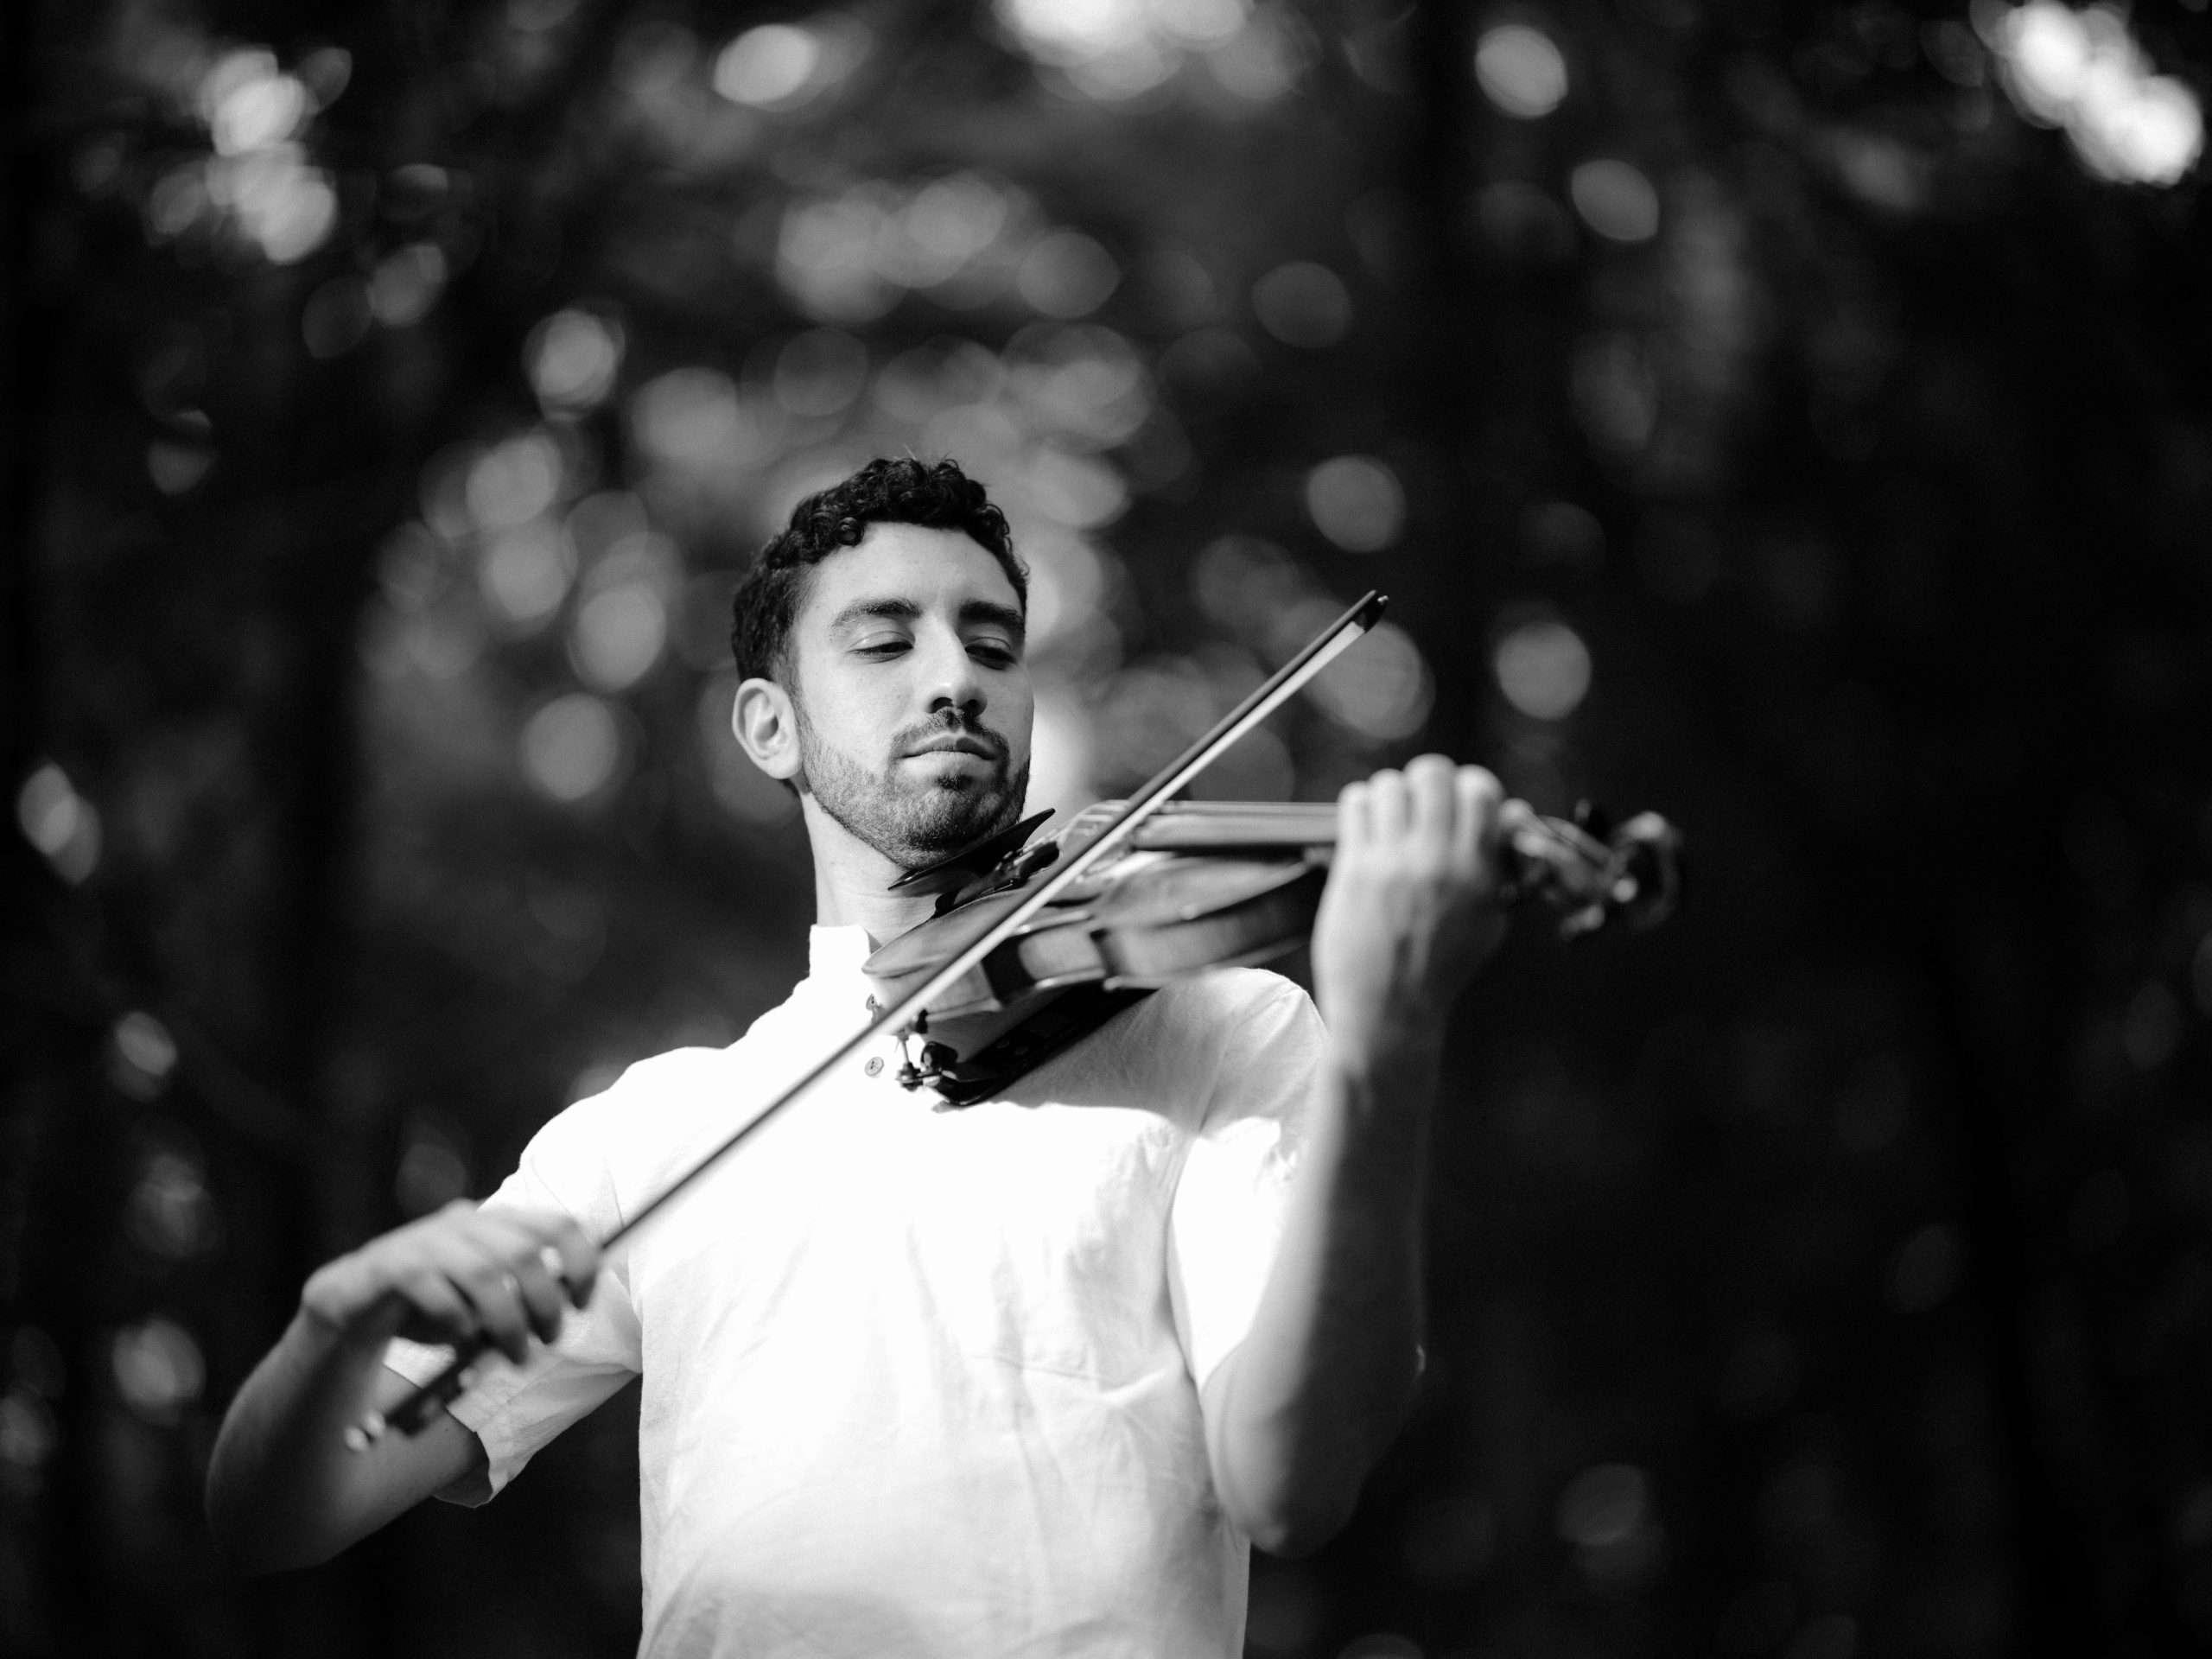 Yoni Battat with Violin